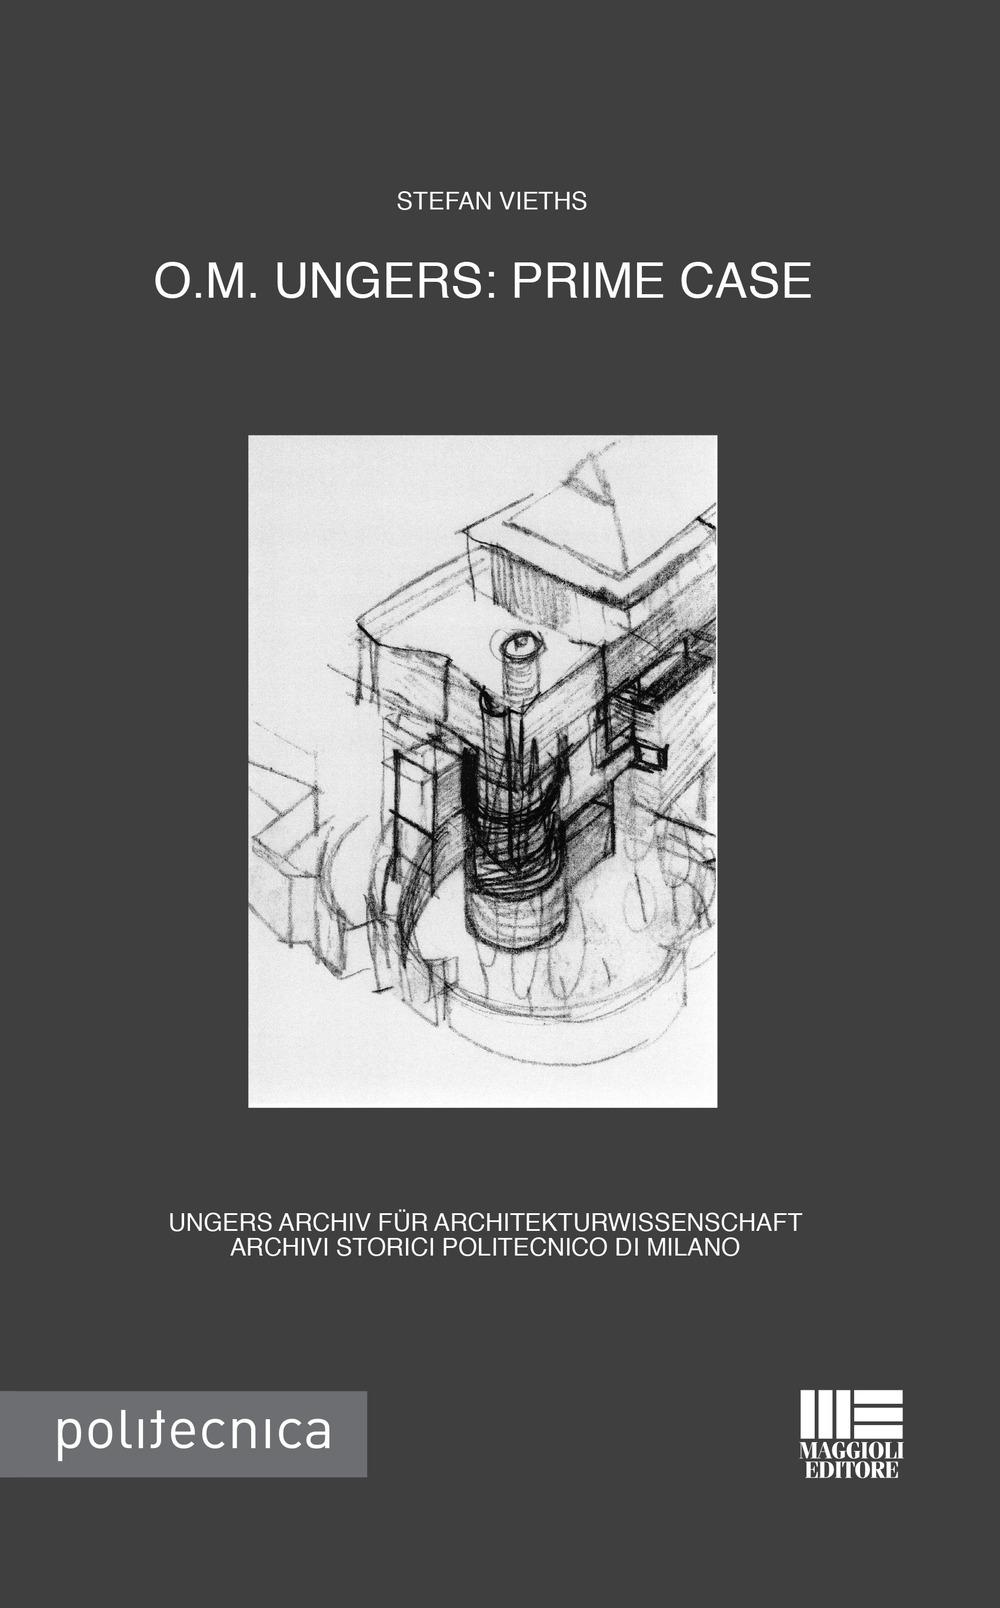 O.M. Ungers. Prime case. Ungers Archiv fur Architekturwissenschaft, Archivi storici Politecnico di Milano. Ediz. italiana e inglese.